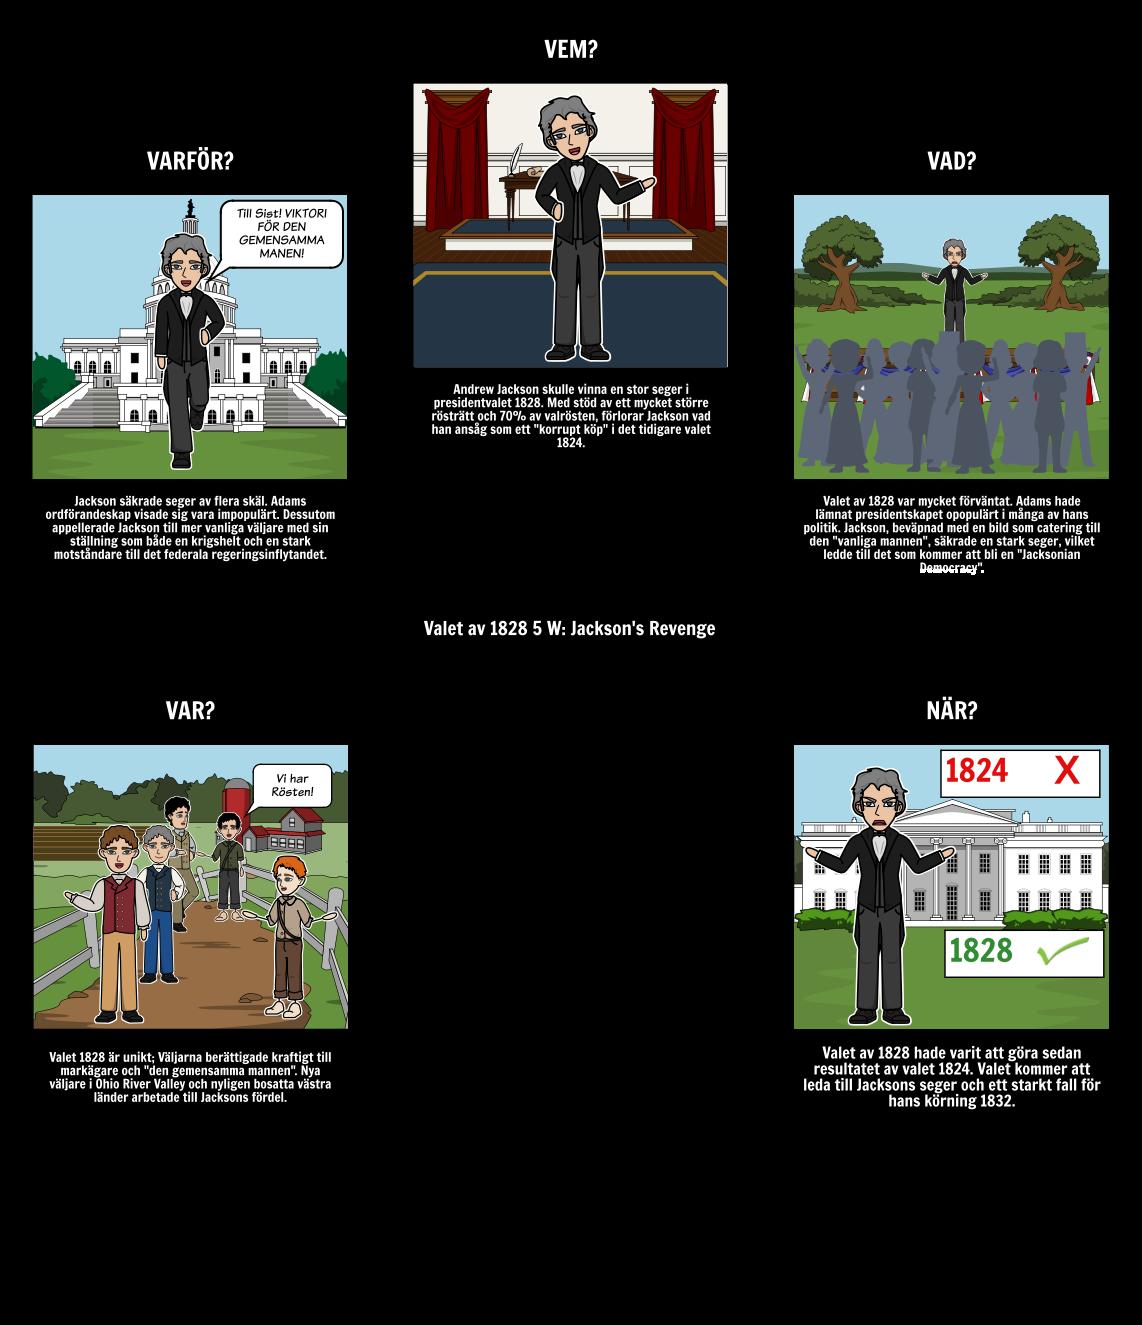 Valet av 1828: Jacksons seger